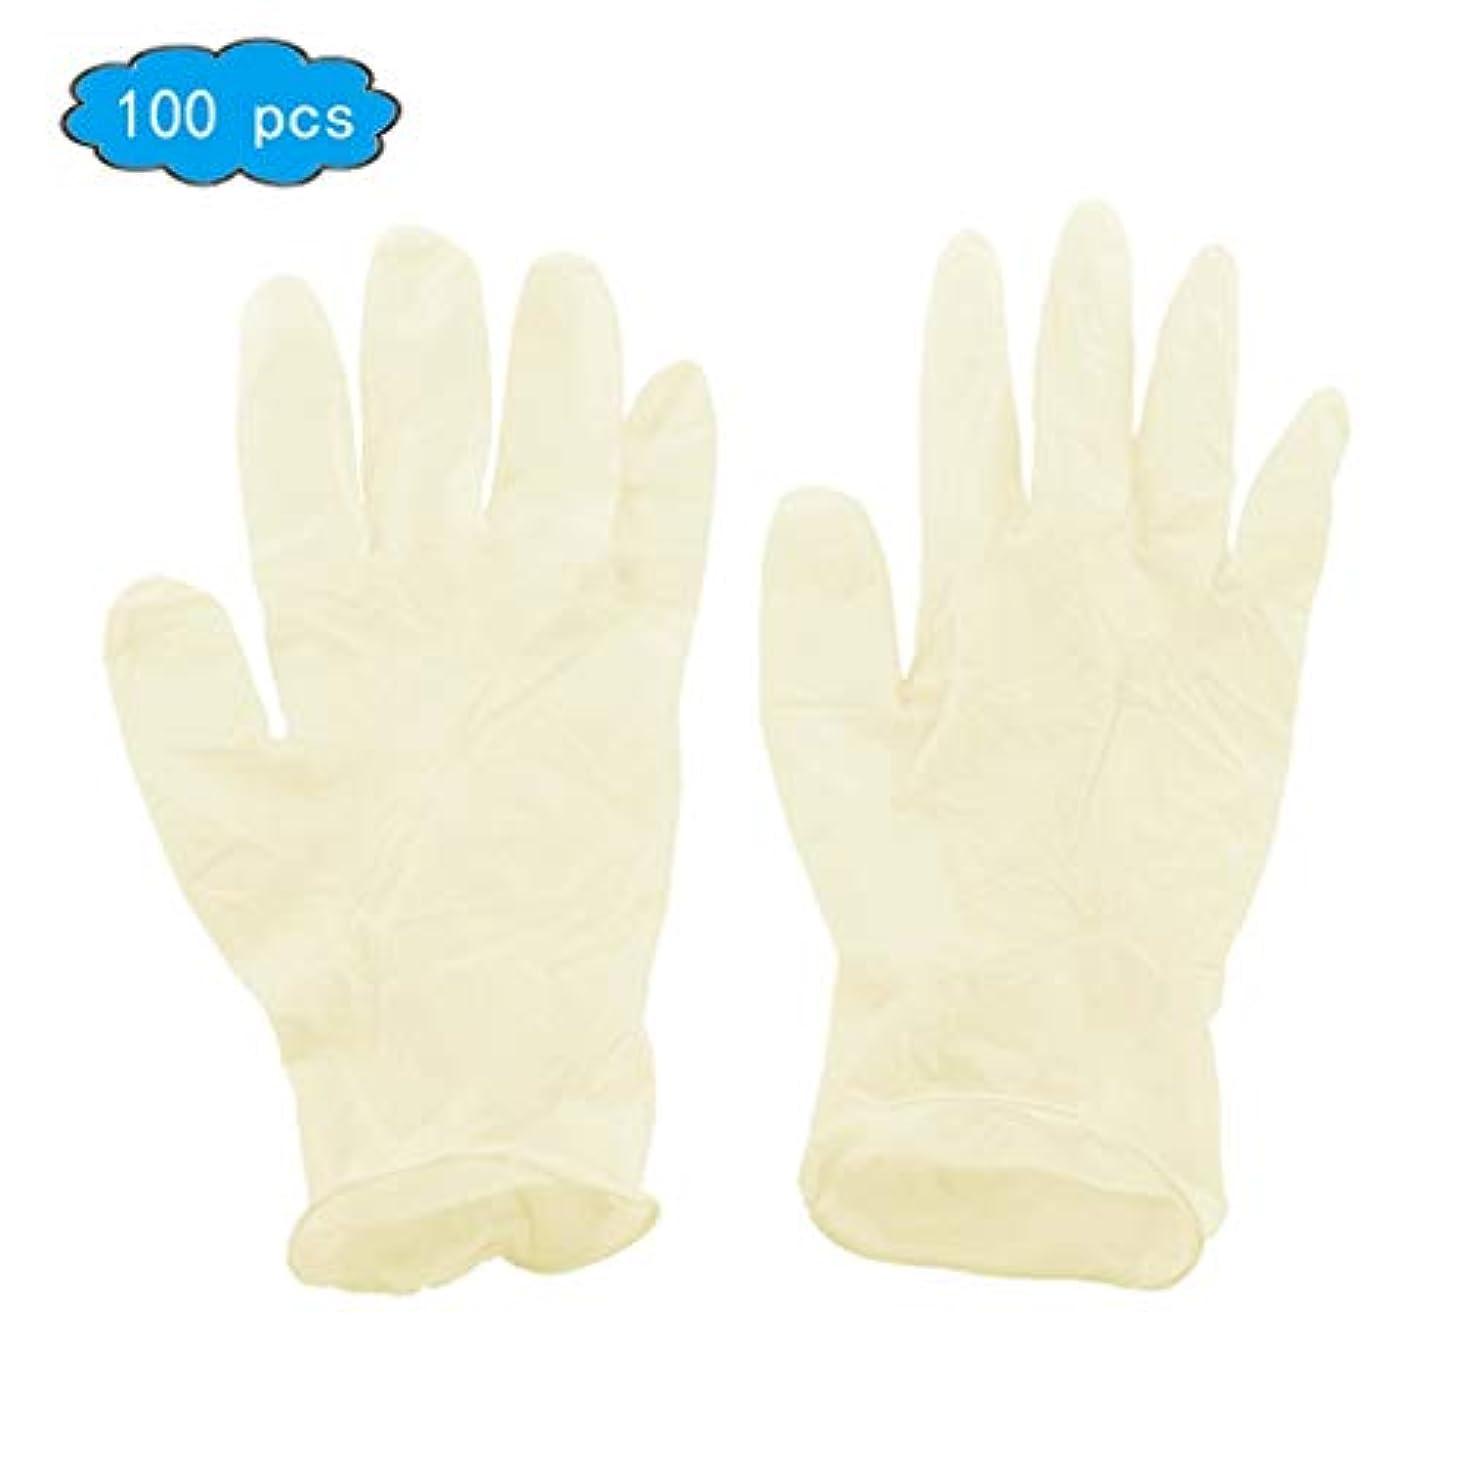 事実上審判逸話使い捨て手袋 - 医療用、パウダーフリー、ラテックスゴム、使い捨て、非滅菌、食品安全、テクスチャード加工、(便利なディスペンサーパック100)、中サイズ、応急処置用品 (Color : Beige, Size : M)